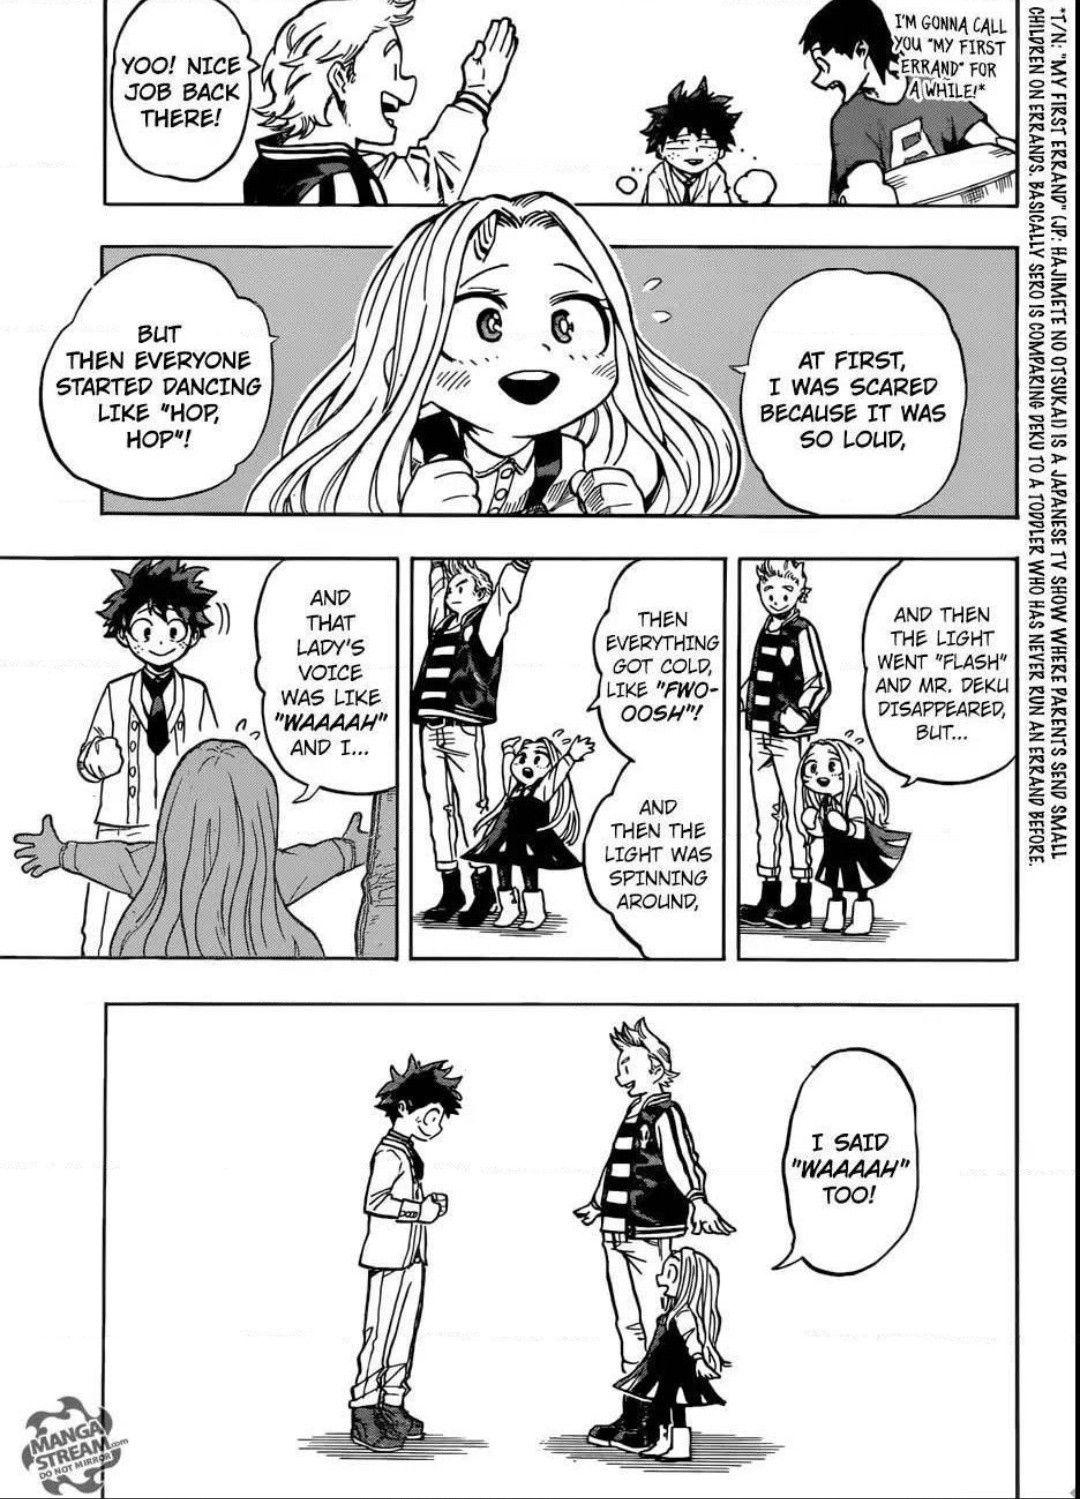 Eri chan is so cute BNHA 183 My hero academia manga